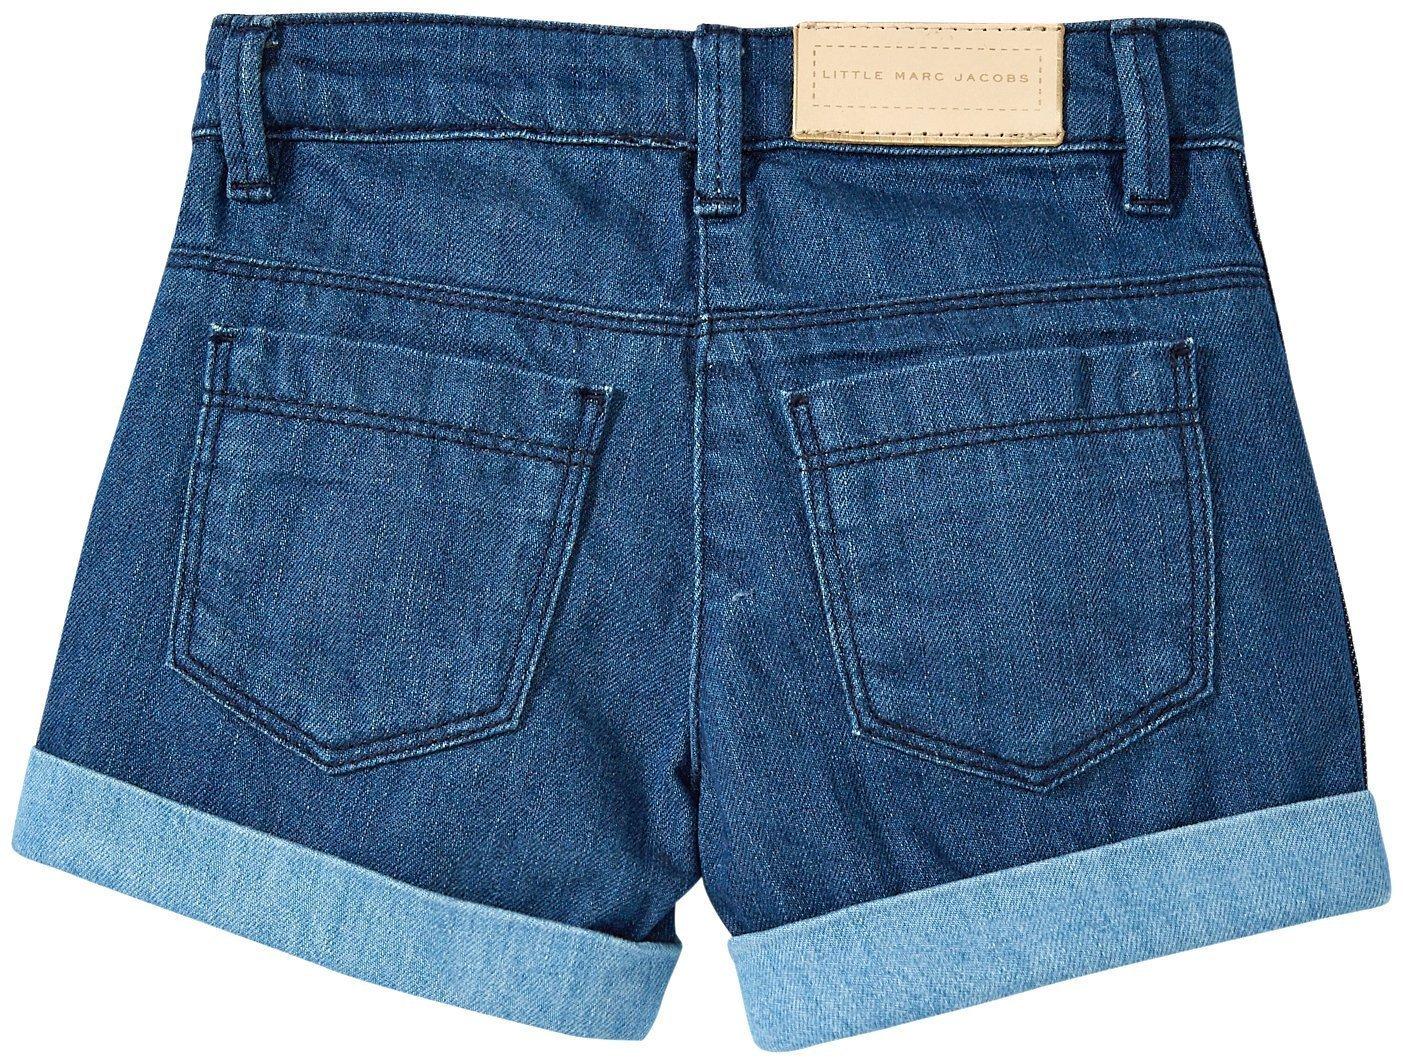 Little Marc Jacobs Denim Shorts, Blue, 2A by Little Marc Jacobs (Image #2)